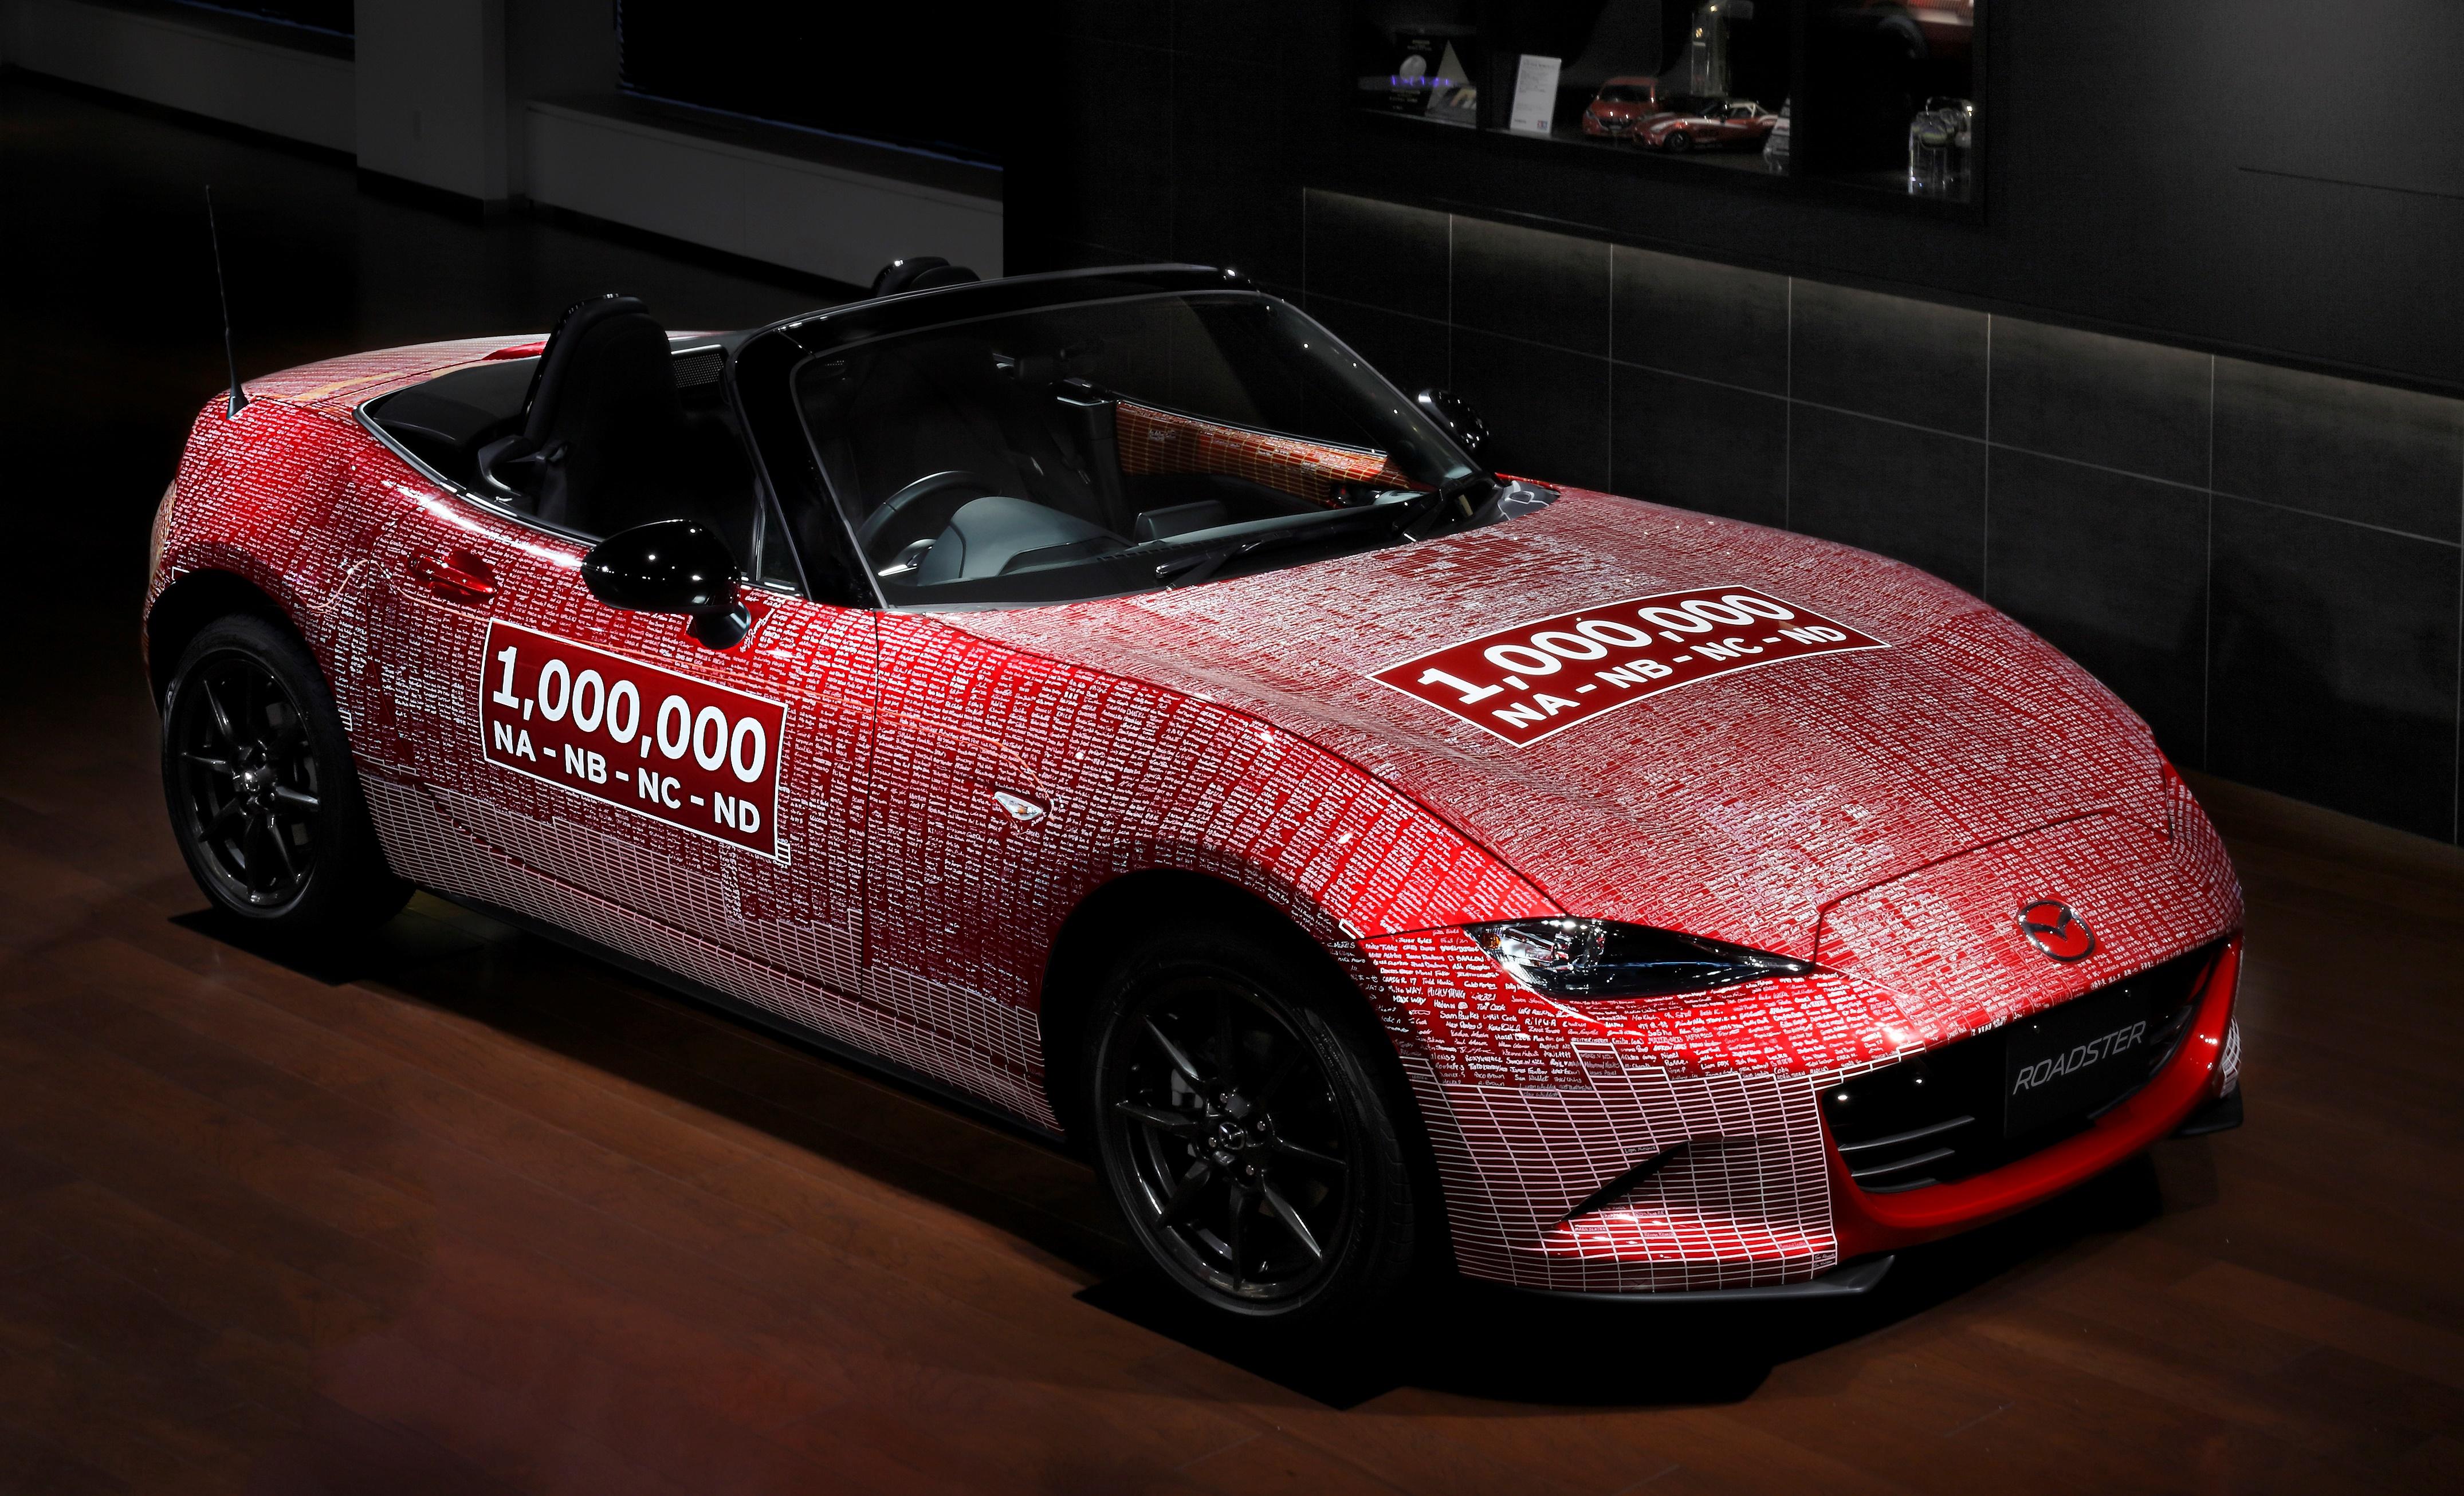 Einmillionster Mazda MX-5 kehrte nach seiner Weltreise nach Japan zurück